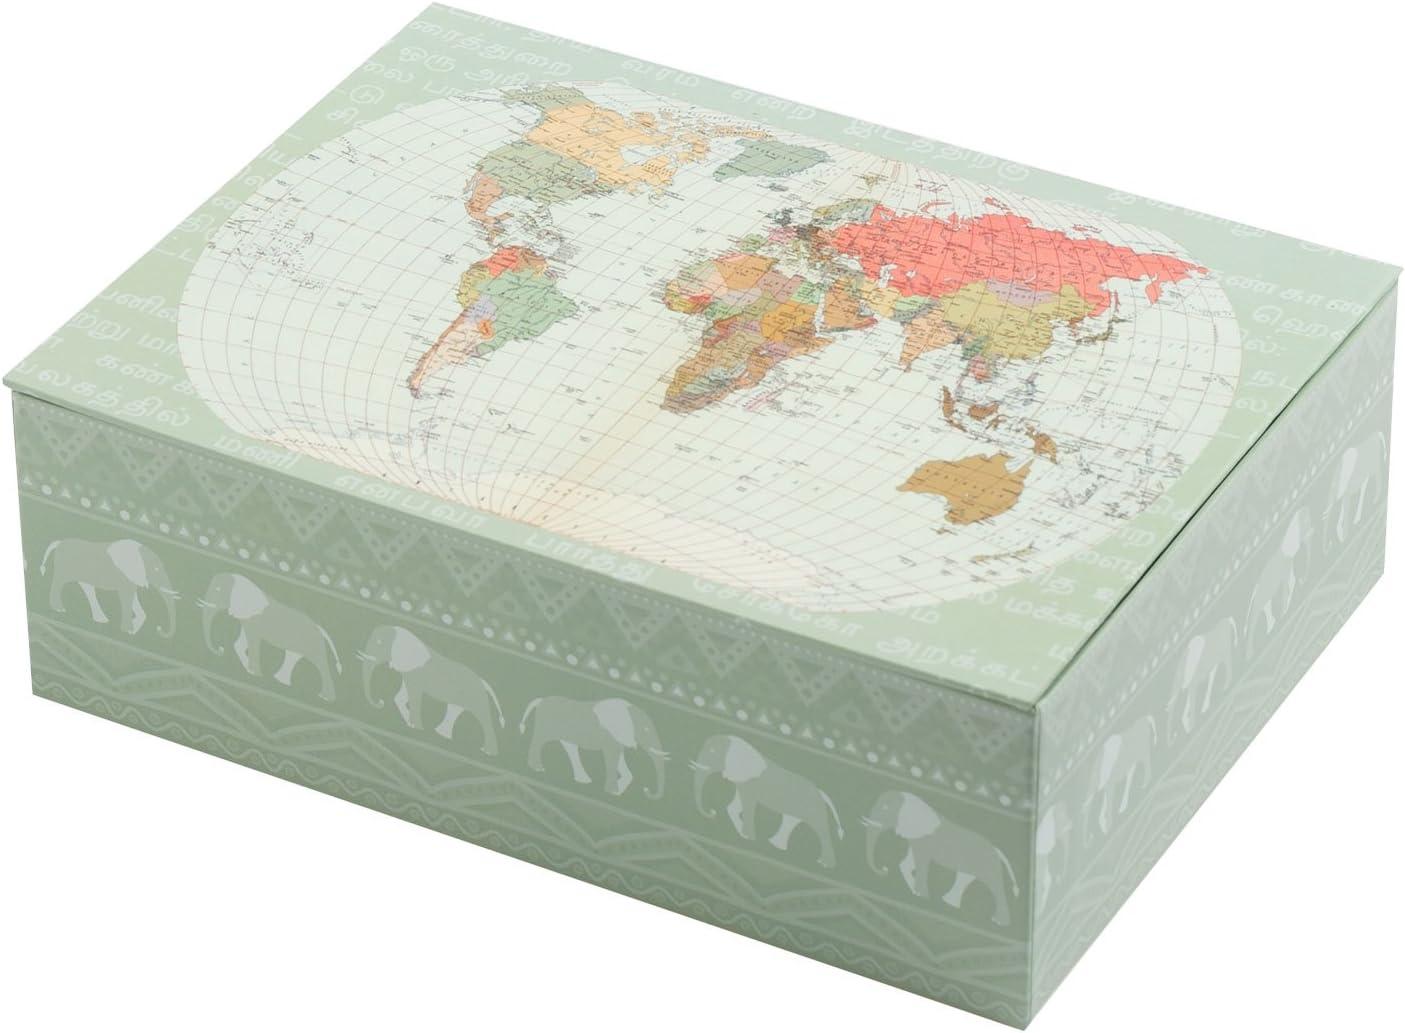 Creibo CBOX005 - Caja Cartón Decorada Mapa Mundo: Amazon.es: Hogar